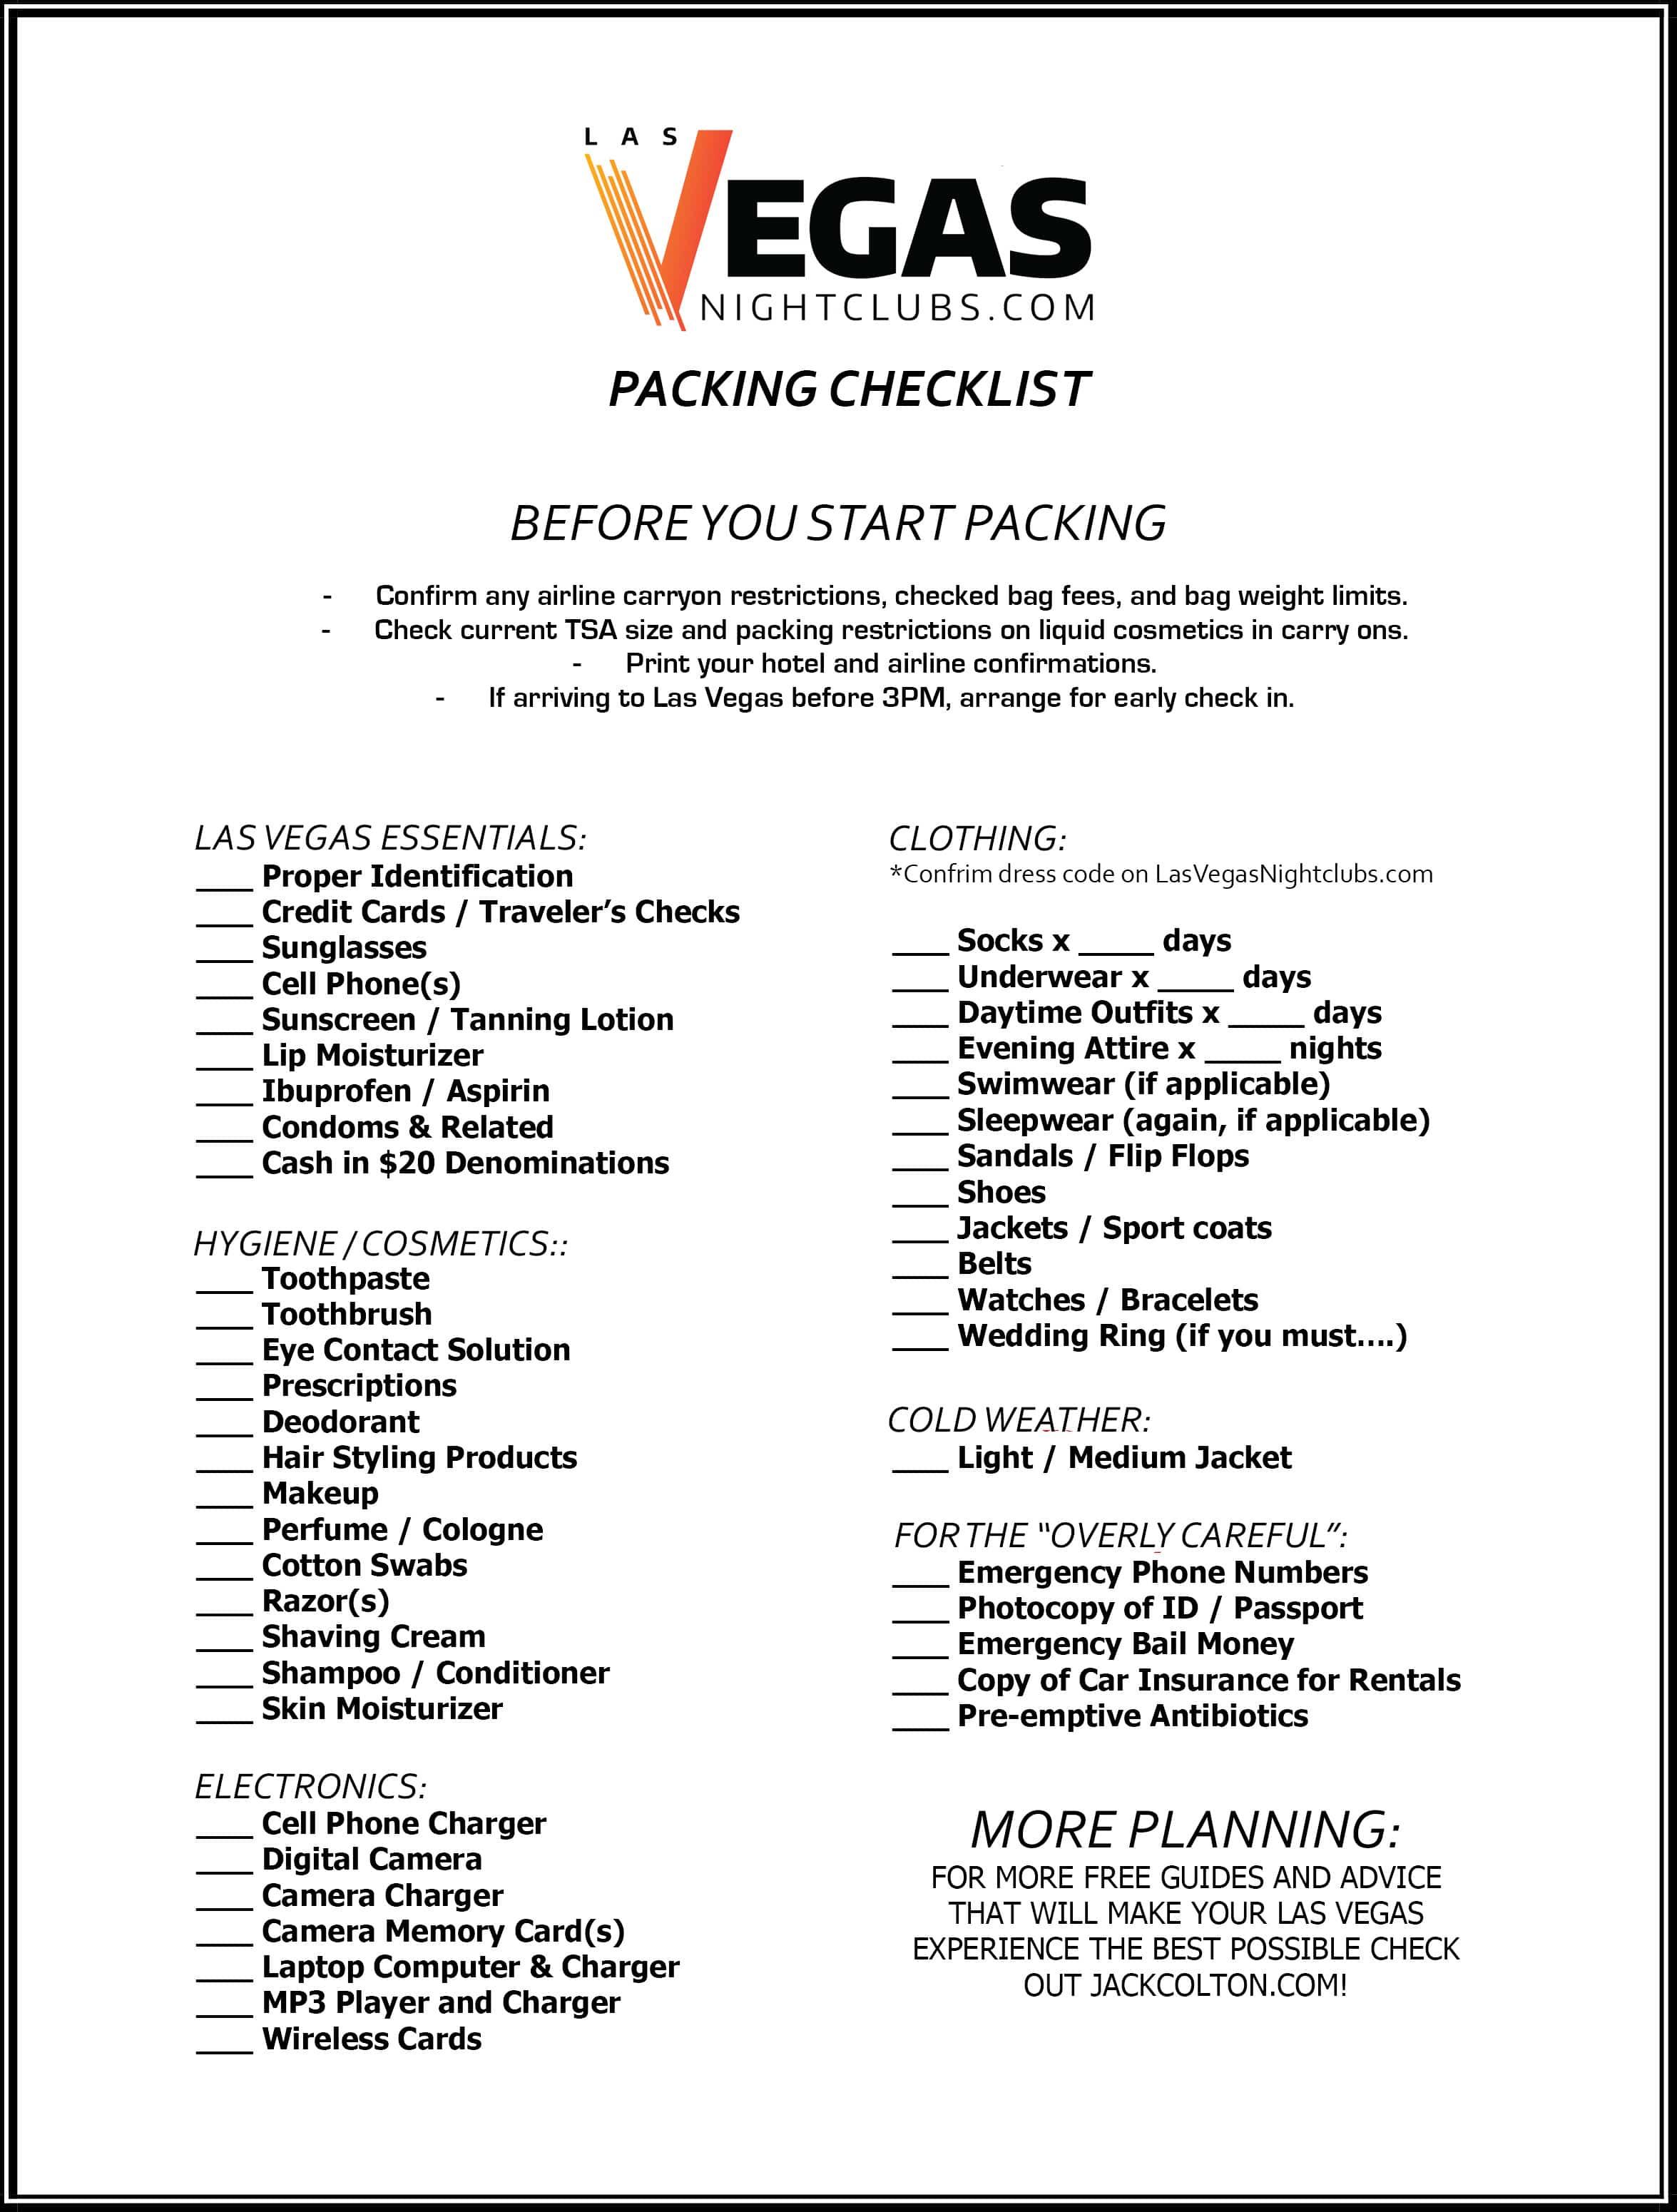 Las Vegas packing checklist